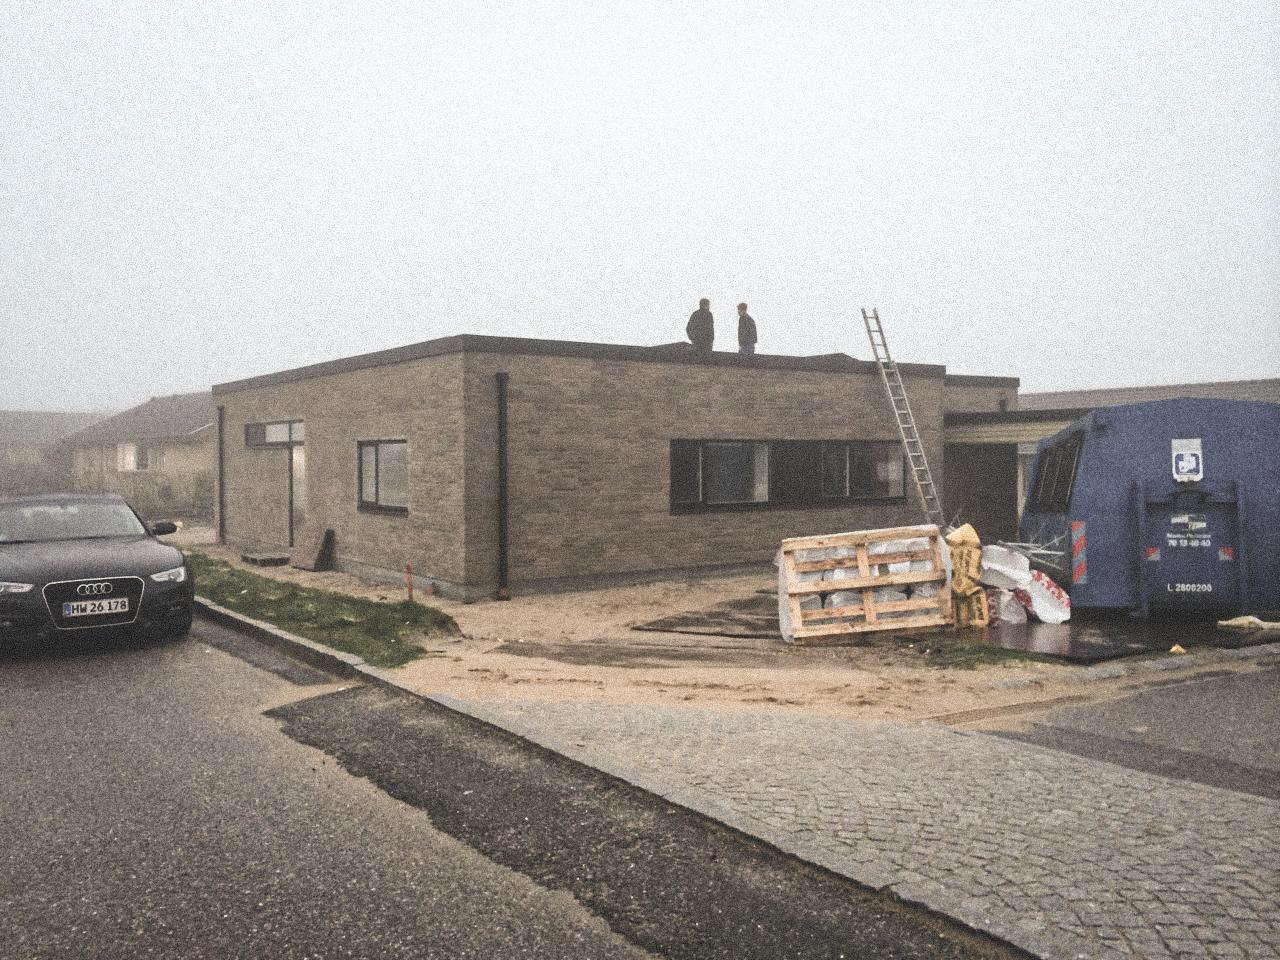 Billede af et igangværende byggeri i Lystrup/Aarhus, tegnet af arkitektfirmaet m2plus.